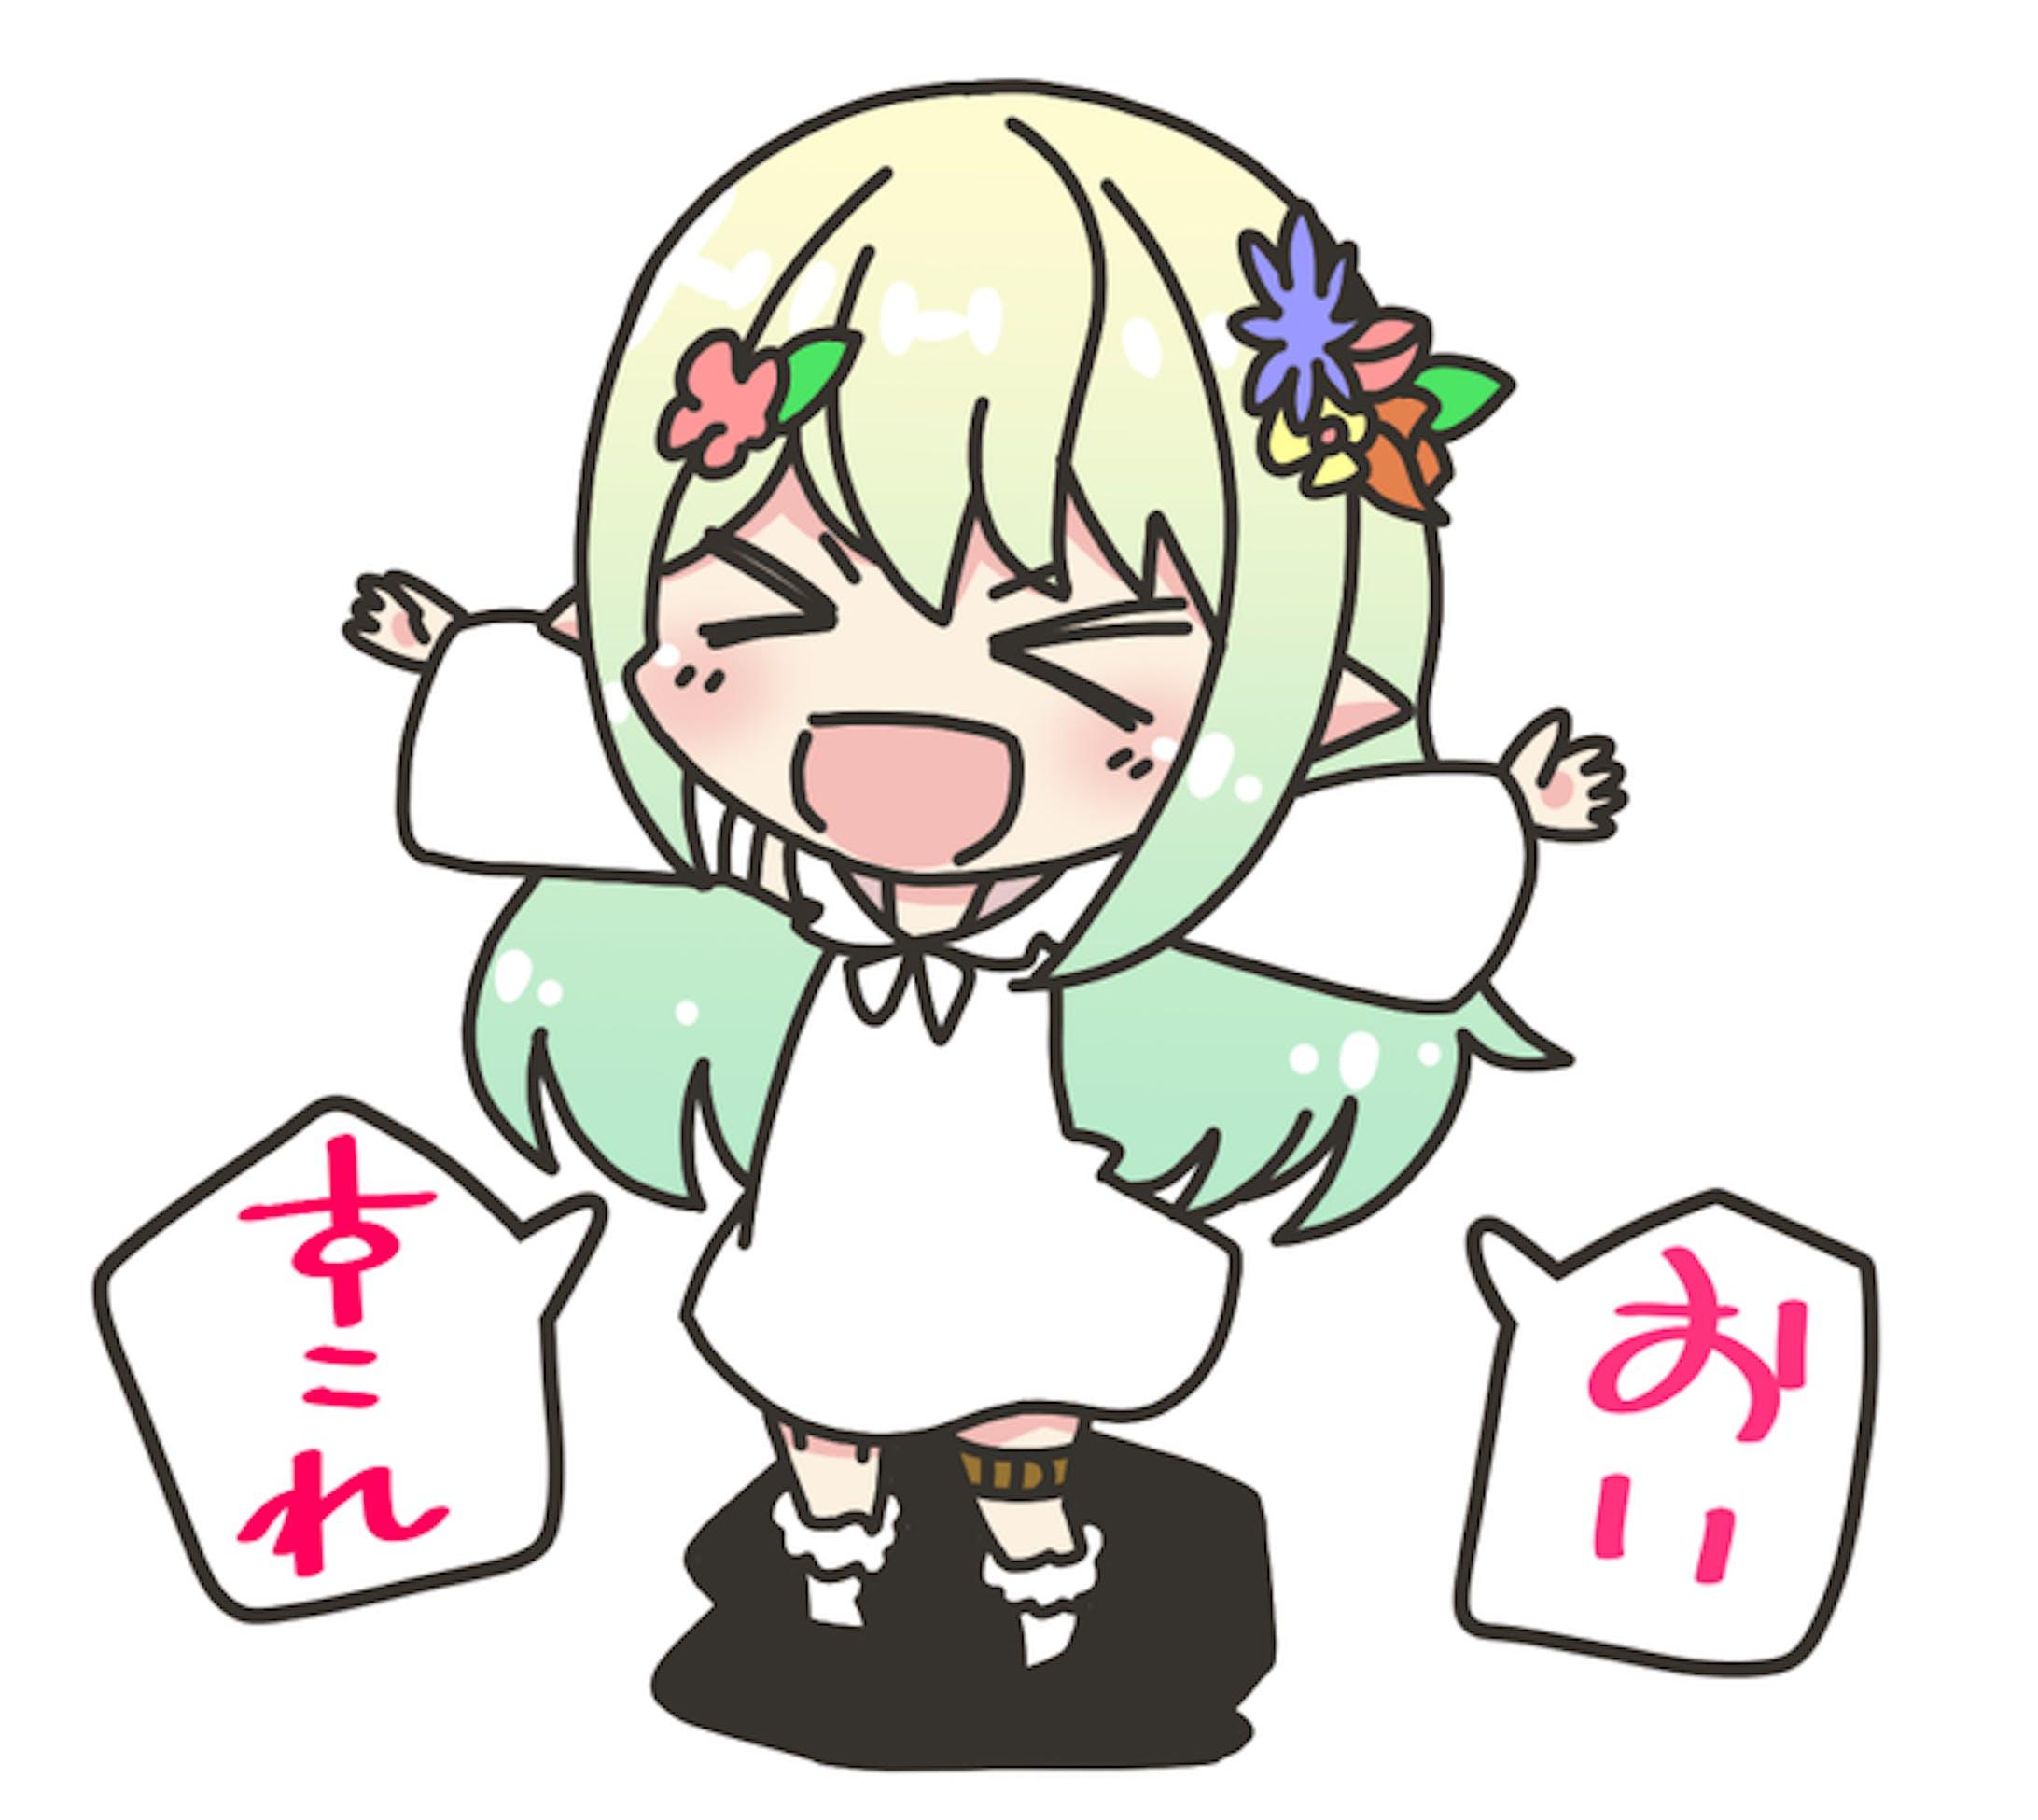 Vtuber さんらくがき-2019.05-08-10